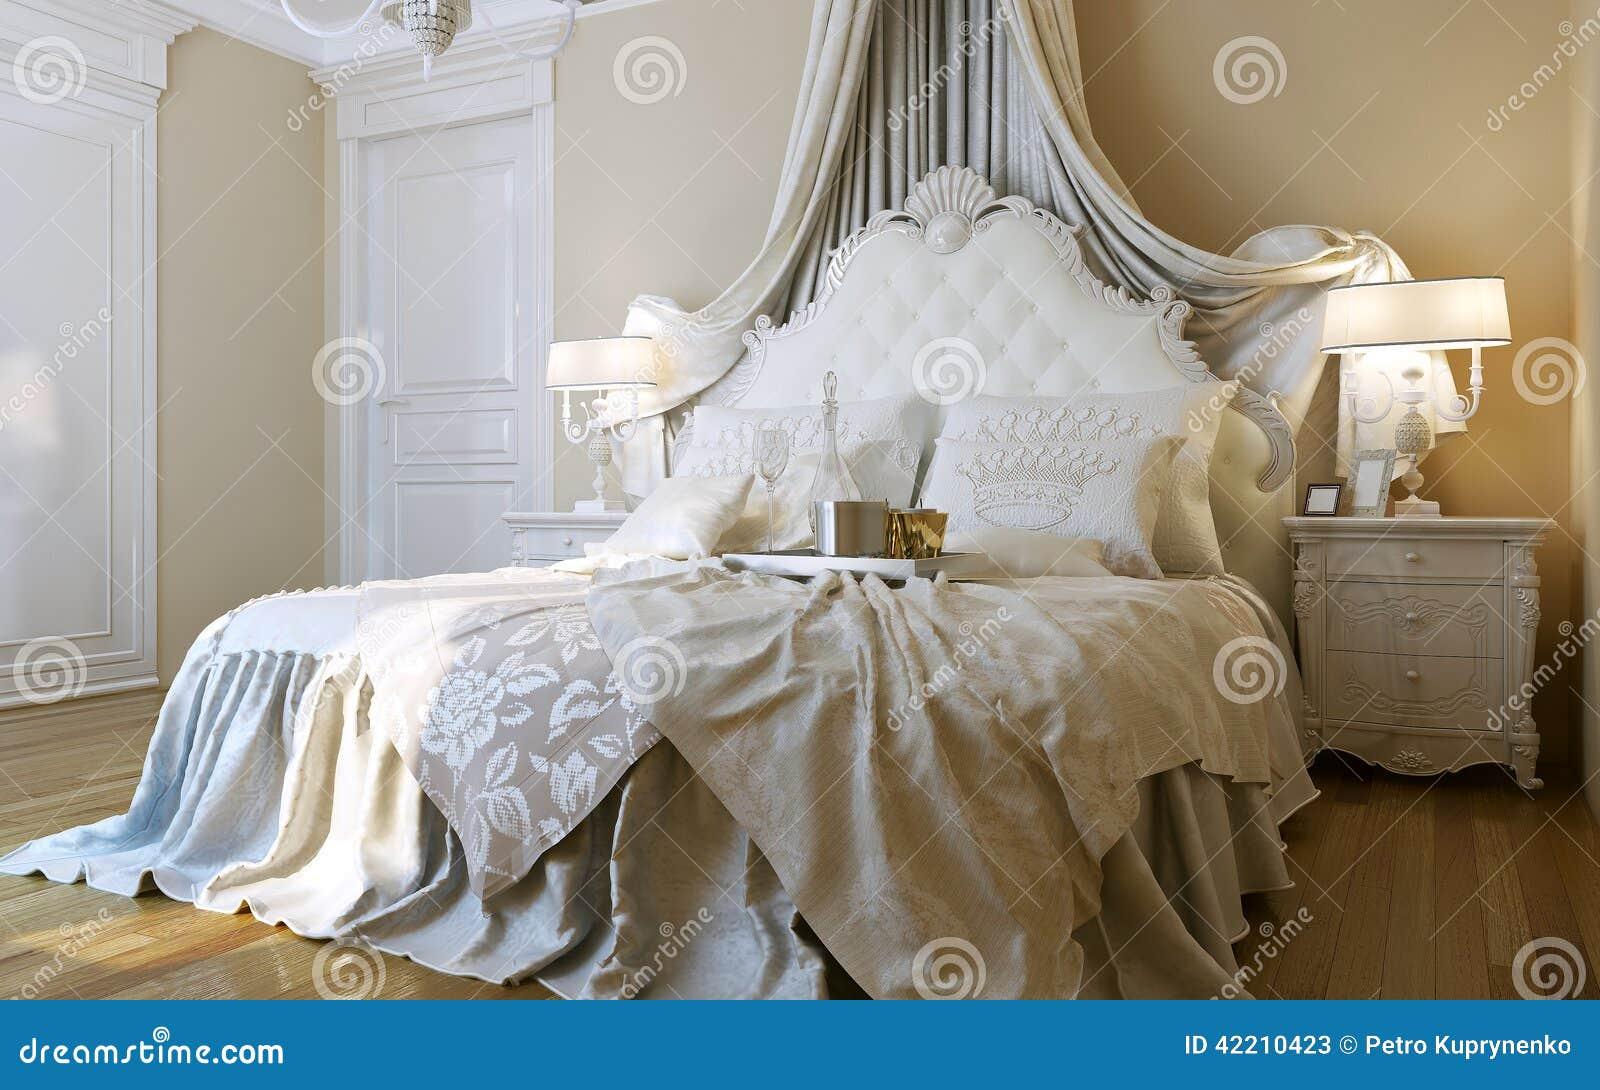 Stile di barocco delle camere da letto illustrazione di stock immagine 42210423 - Specchio antichizzato ...